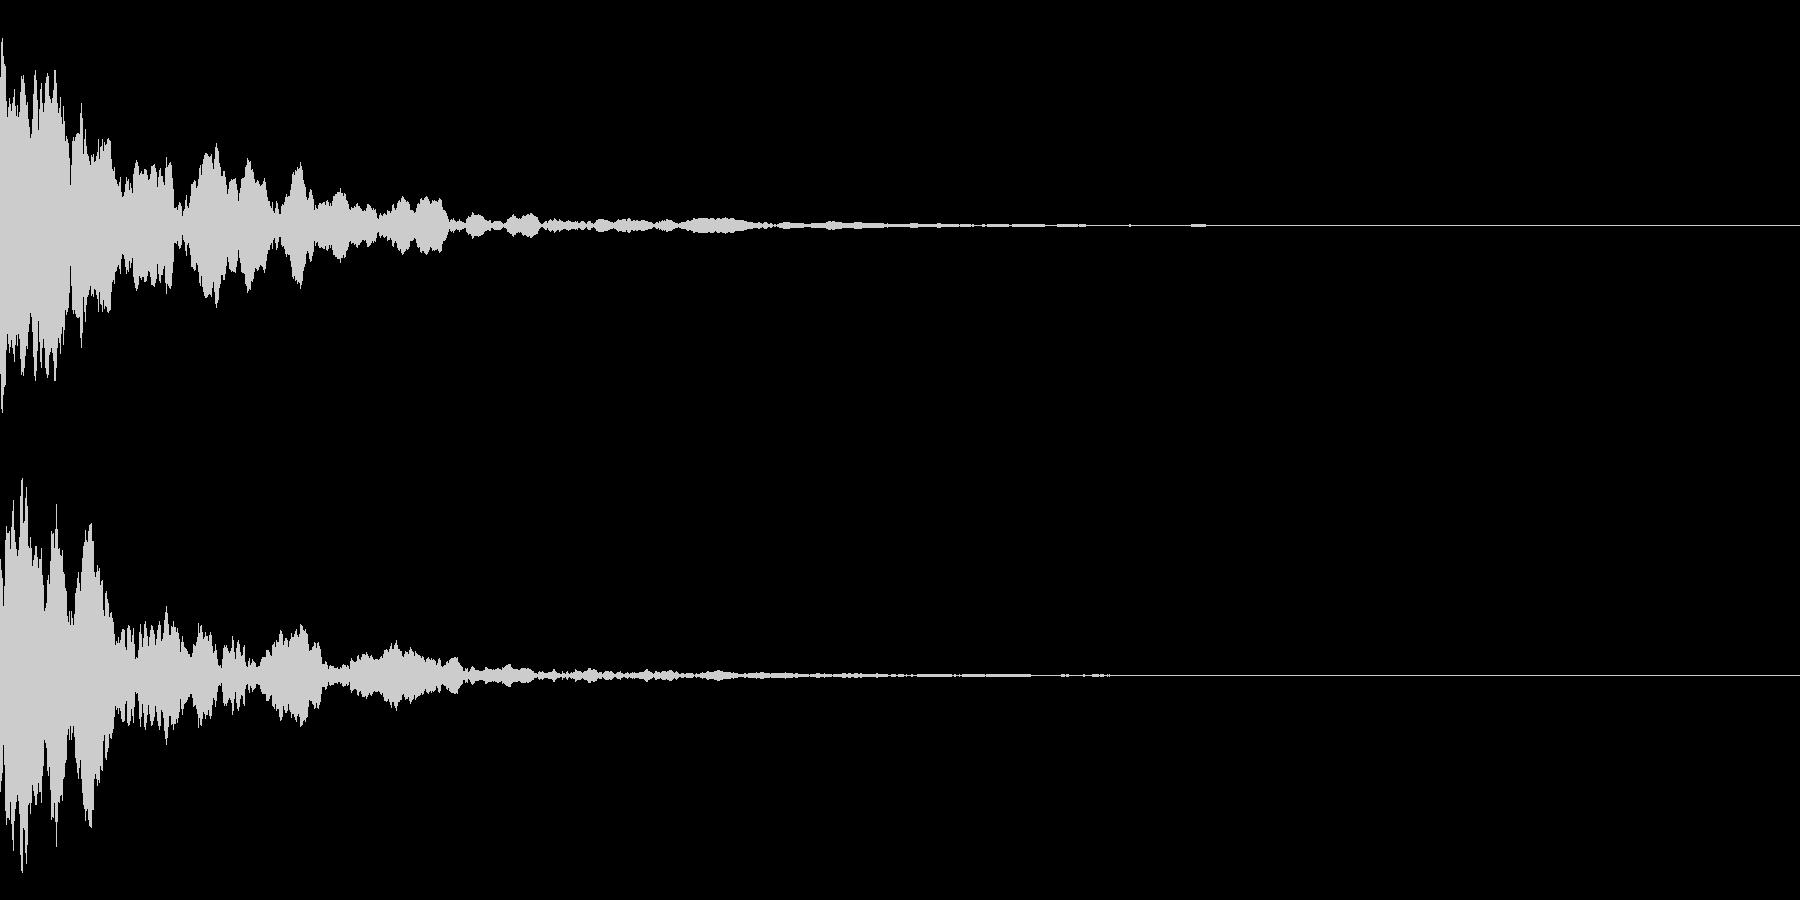 ポーン(ピアノの響く音)テロップなどにの未再生の波形